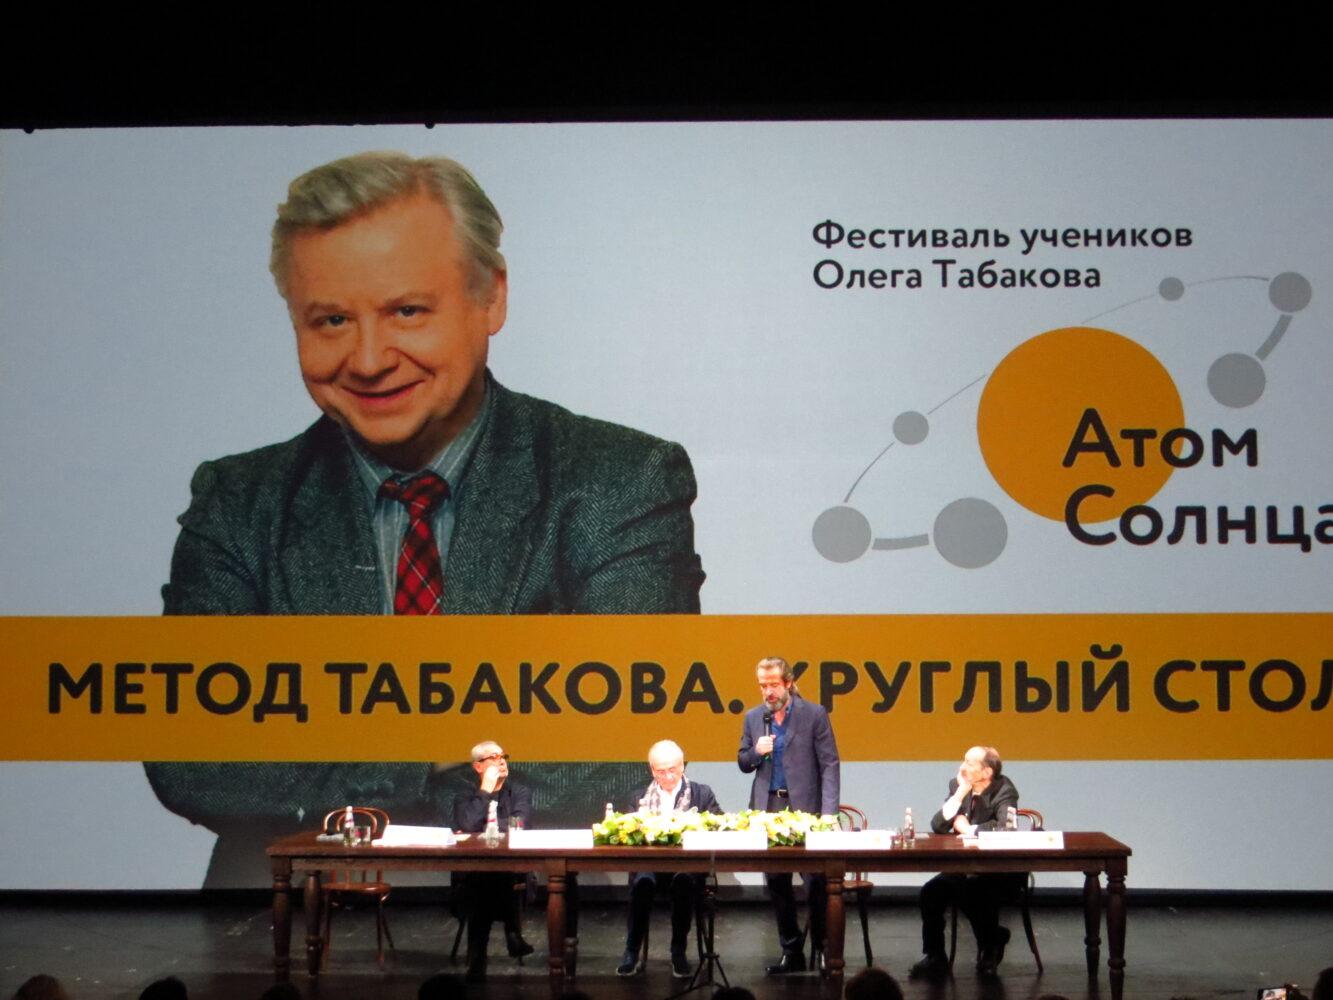 Фестиваль памяти Олега Табакова «Атом солнца» и круглый стол «Метод Табакова». Помним, любим и восхищаемся